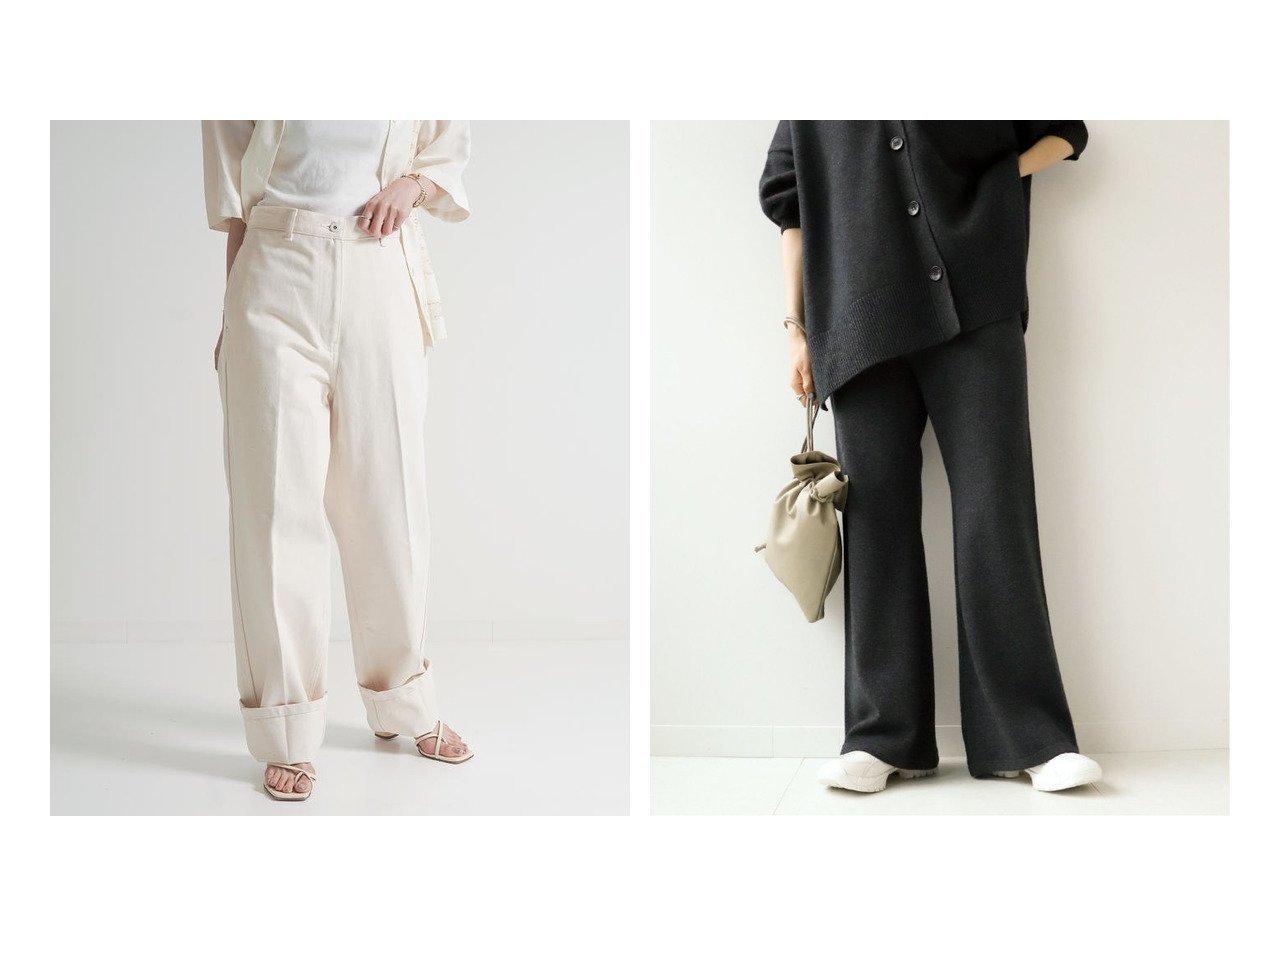 【BACCA/バッカ】のナチュラルデニム ハイウエストスラックスパンツ&【Plage/プラージュ】の【R IAM】Washable WOOL パンツ パンツのおすすめ!人気、レディースファッションの通販 おすすめで人気のファッション通販商品 インテリア・家具・キッズファッション・メンズファッション・レディースファッション・服の通販 founy(ファニー) https://founy.com/ ファッション Fashion レディース WOMEN パンツ Pants デニムパンツ Denim Pants 秋冬 A/W Autumn/ Winter ストレート デニム カシミア ジュエリー リラックス ワイド |ID:crp329100000001397